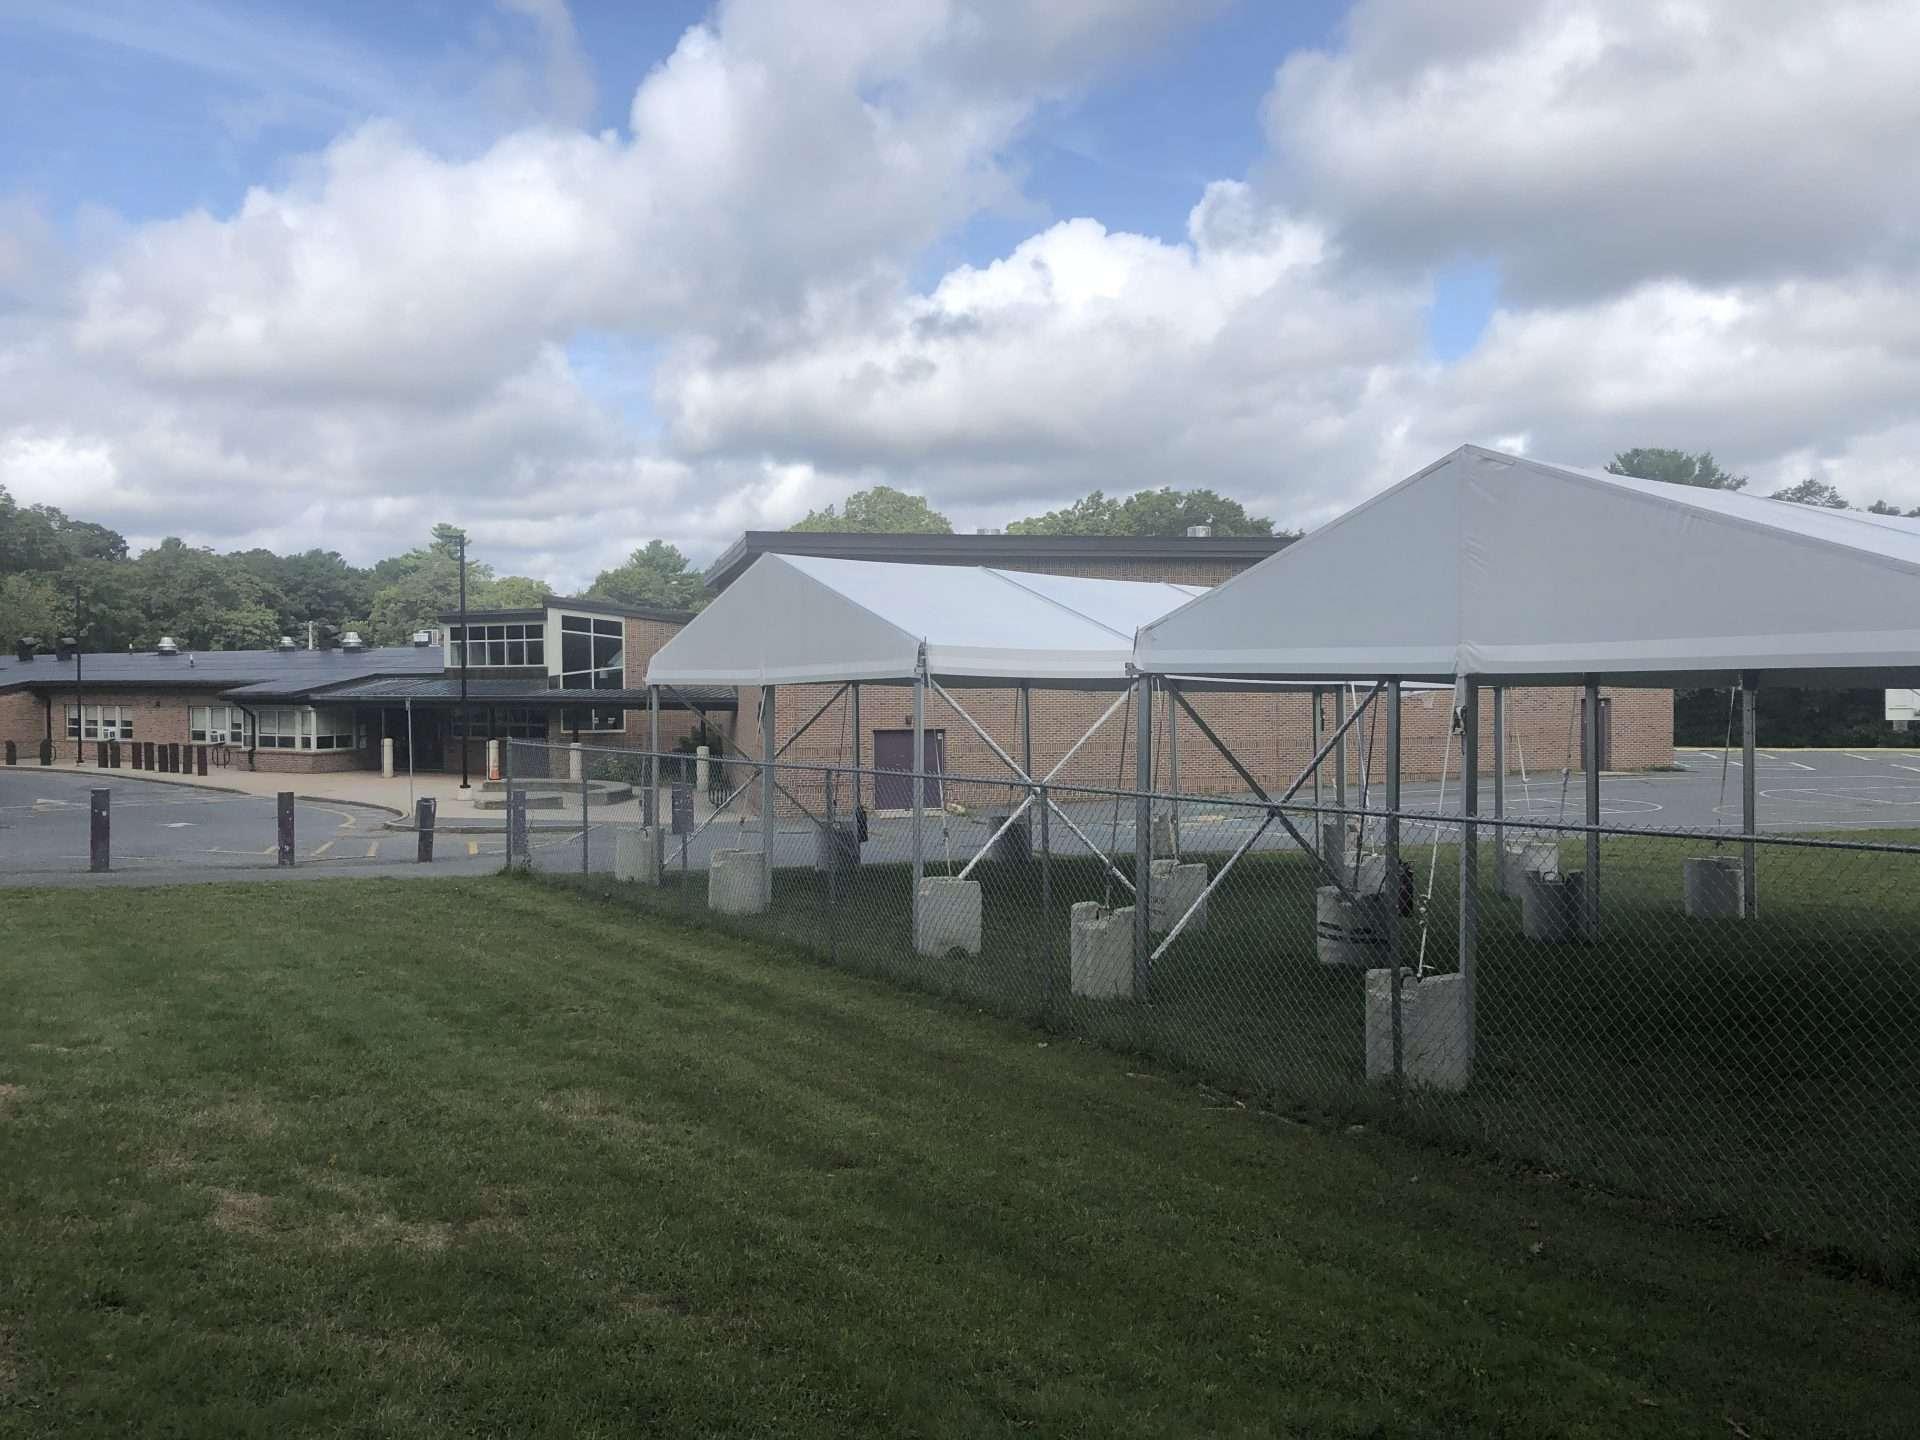 lilja tents